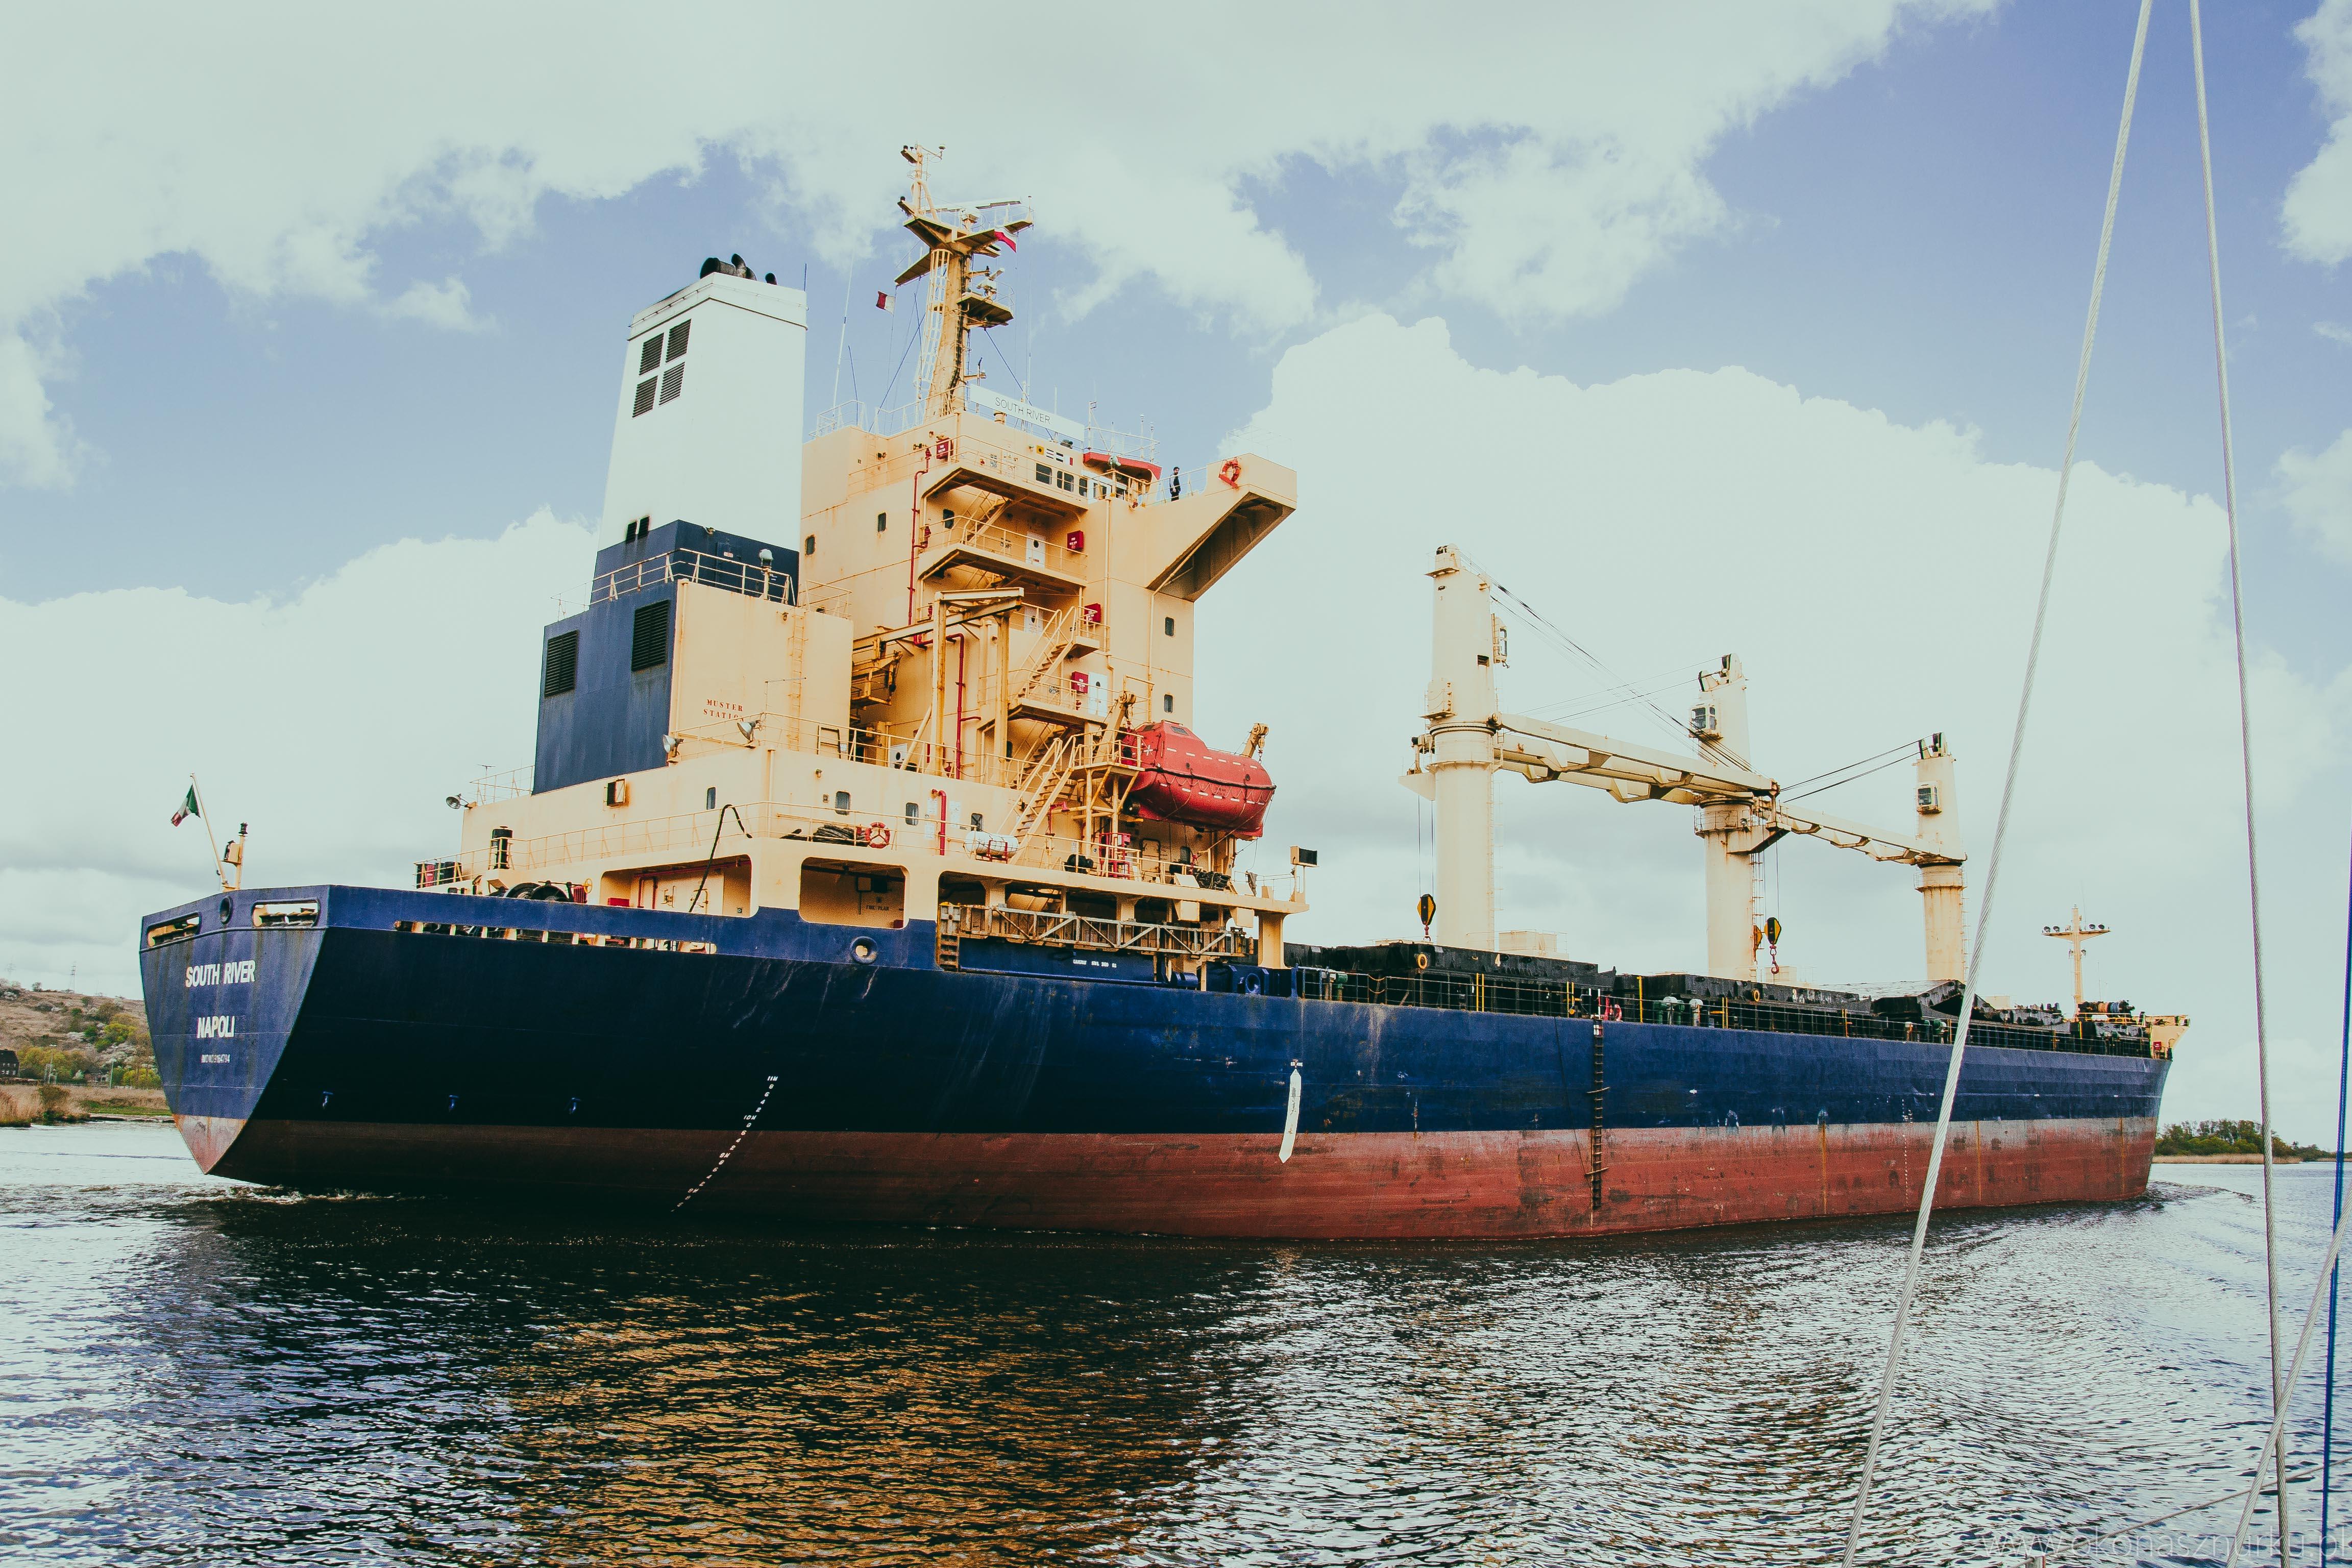 marina-jacht-wyprawy-morskie-silesia-szczecin-goclaw-lubczyna (36)